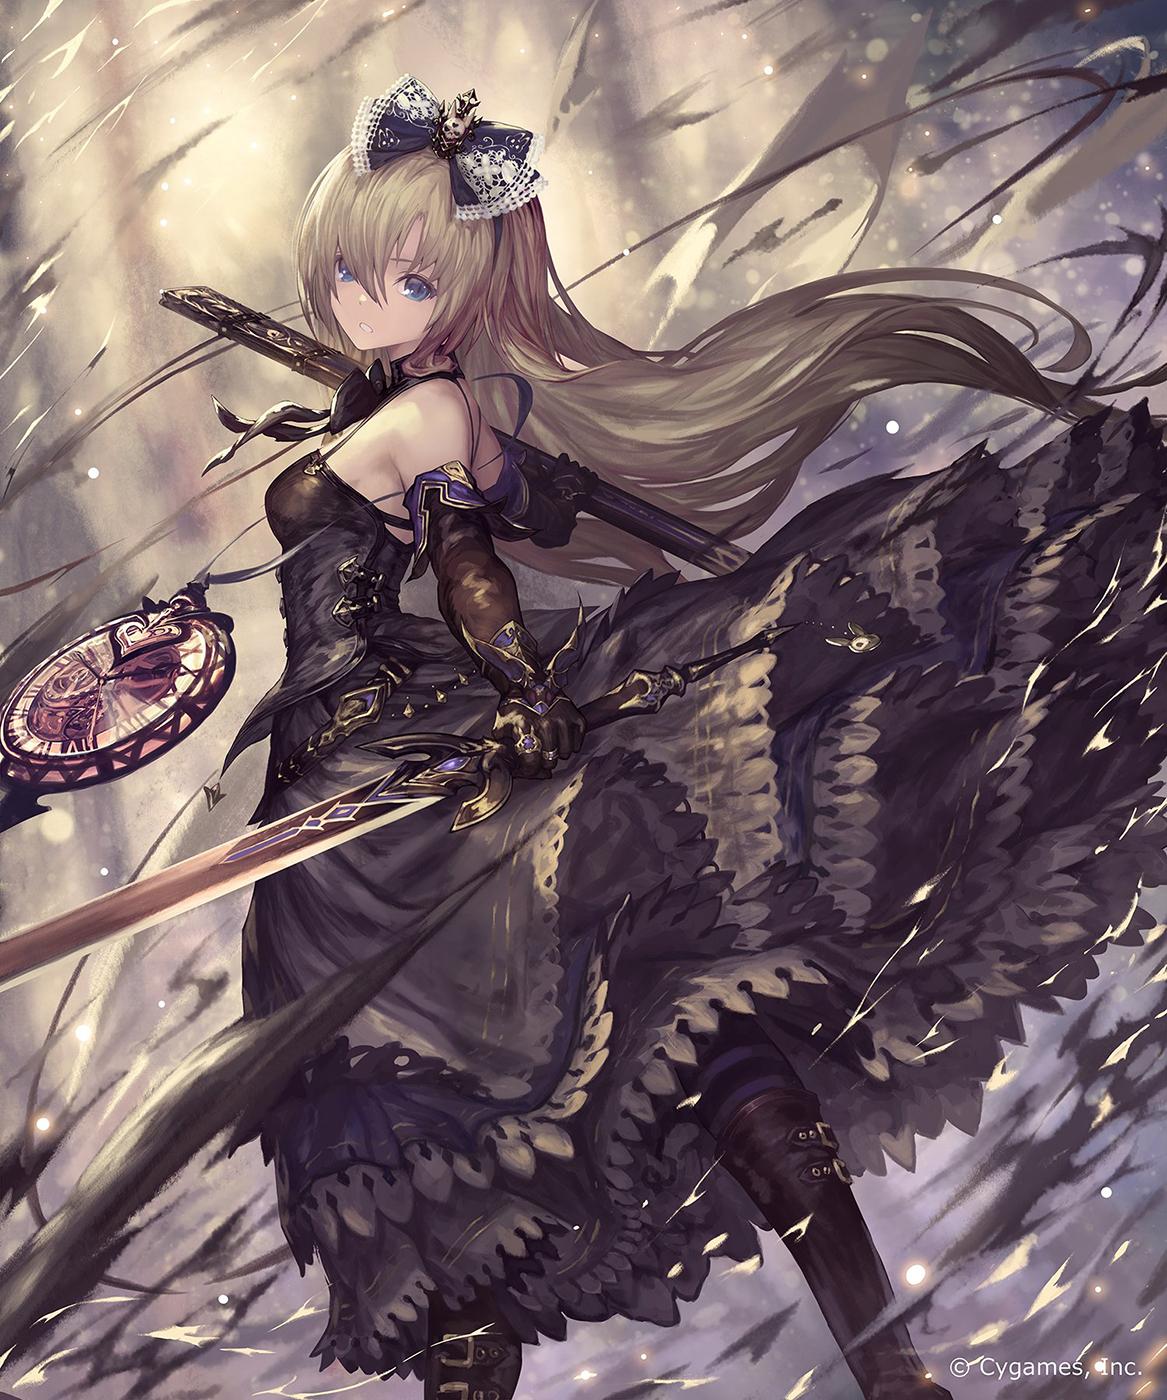 Alice Shingeki no Bahamut (With images) Gothic anime